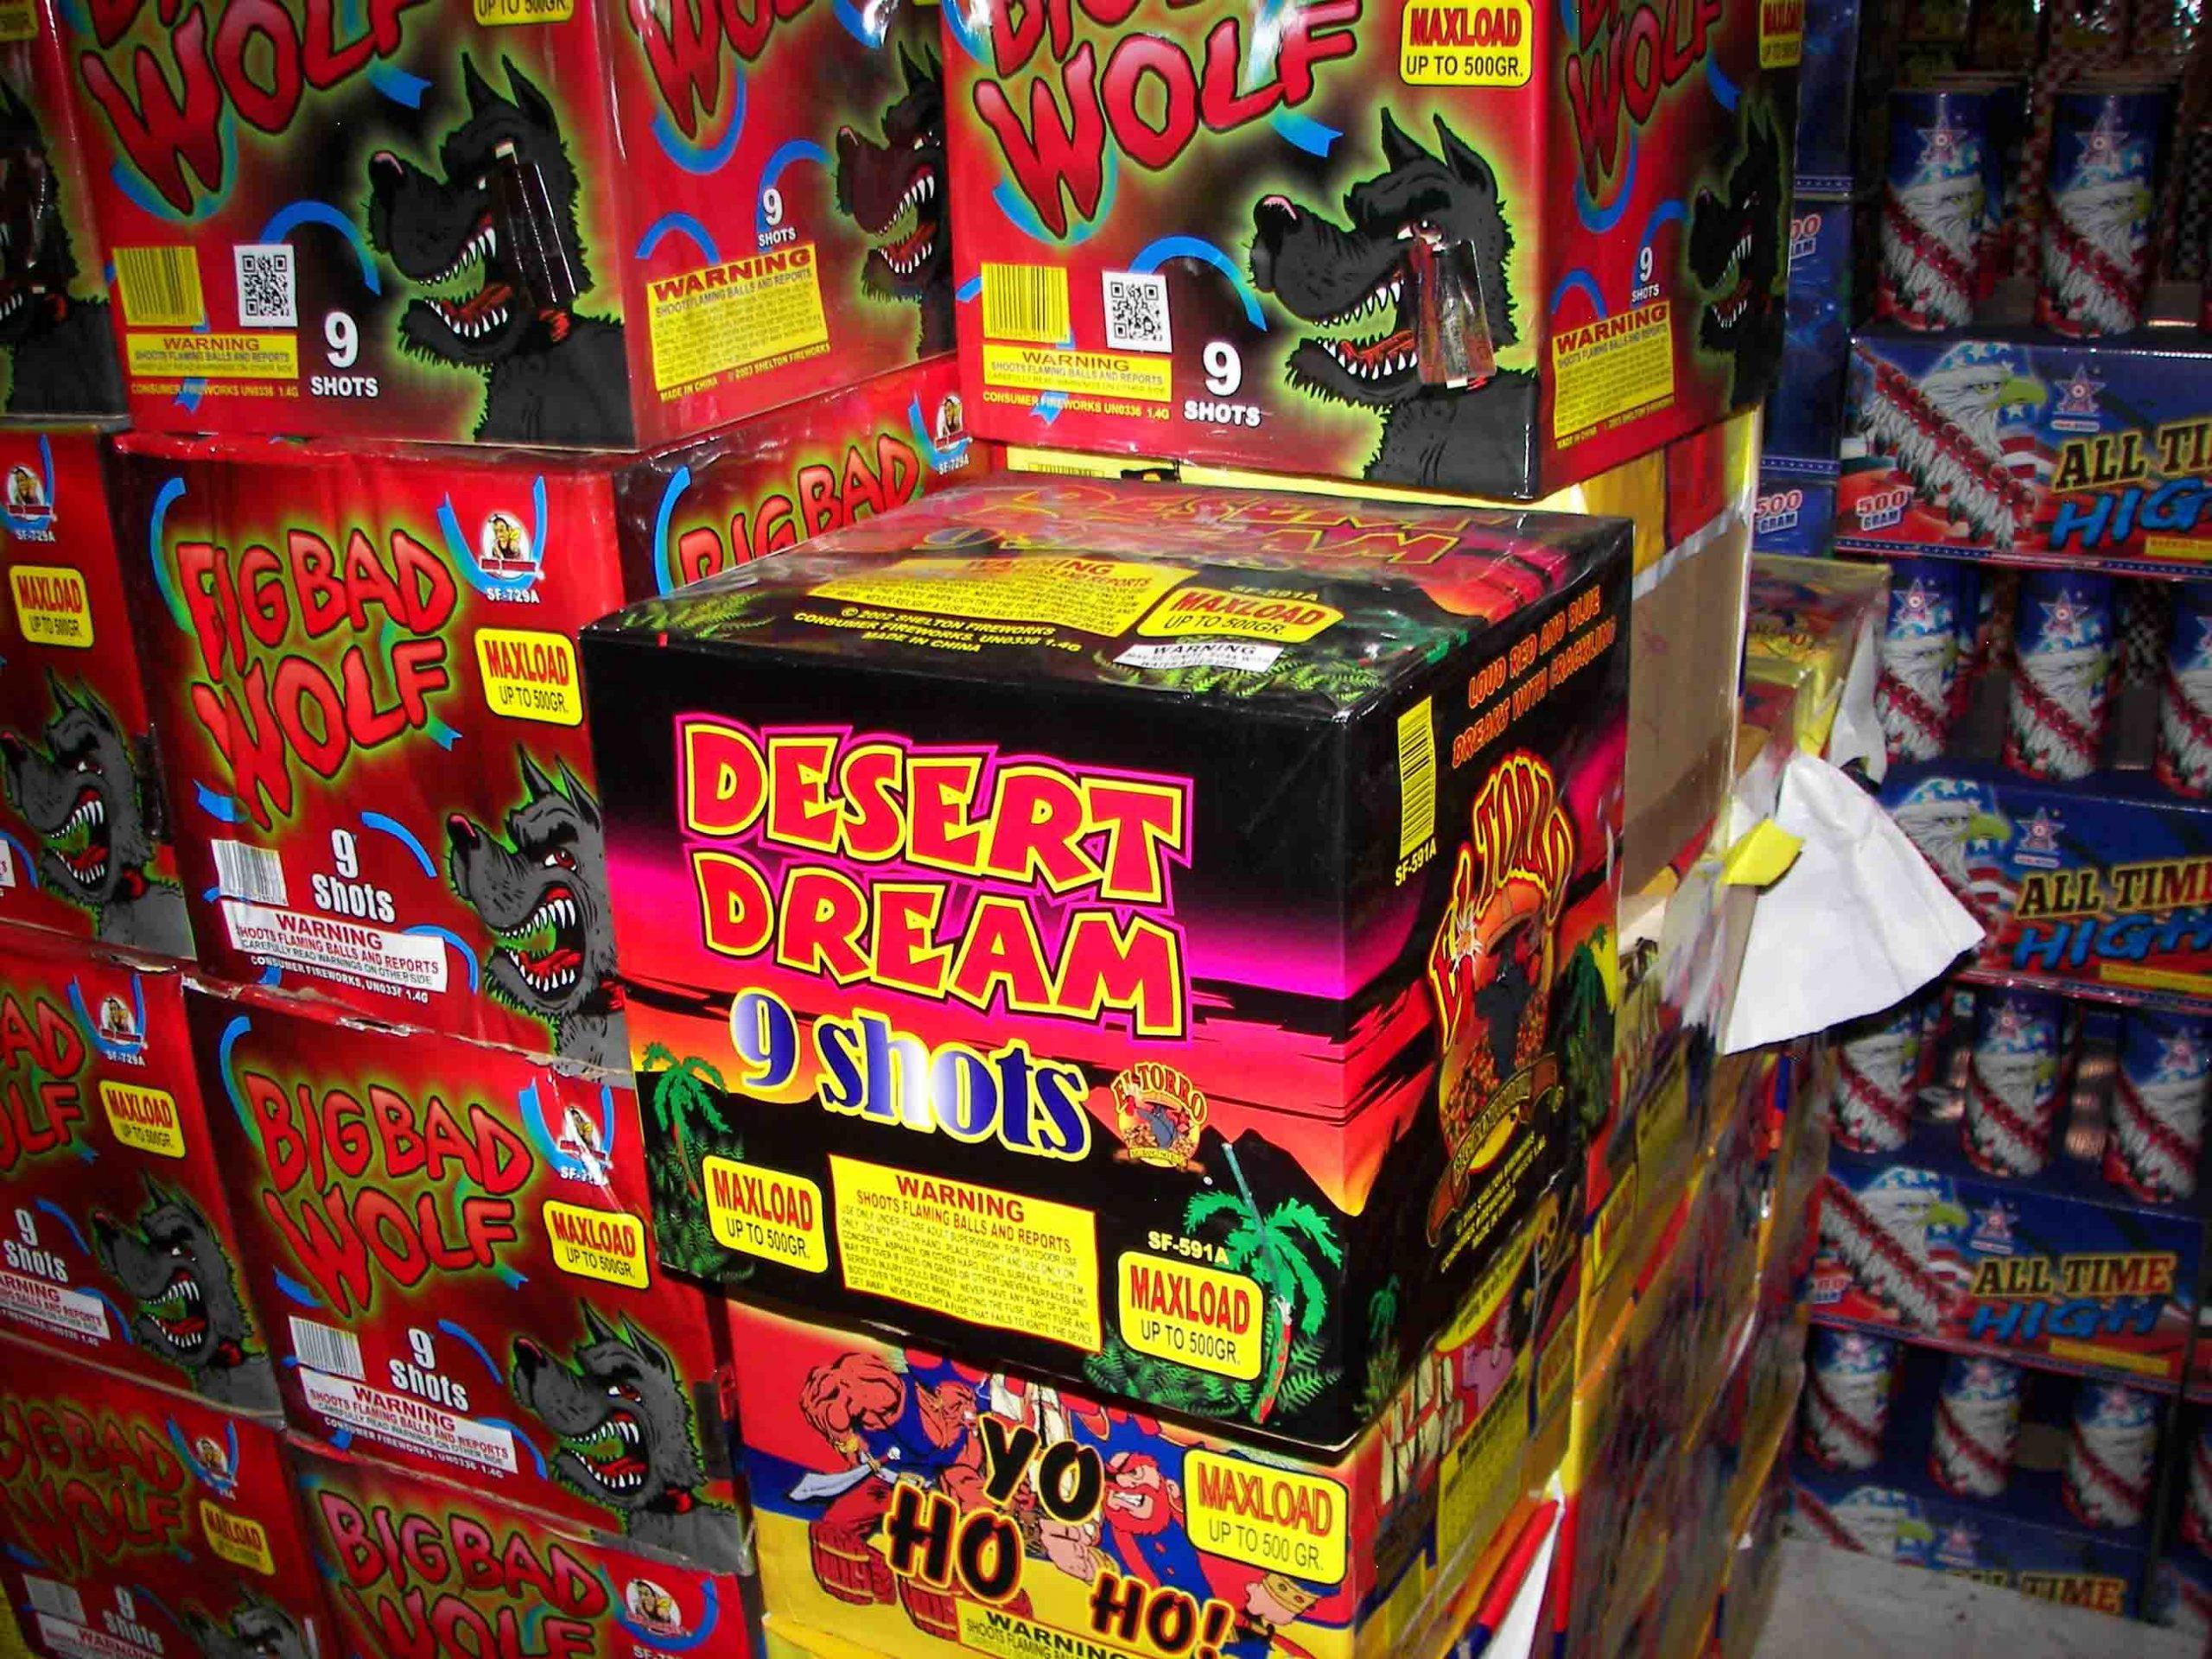 DESERT DREAM (A 500 gram load) Image